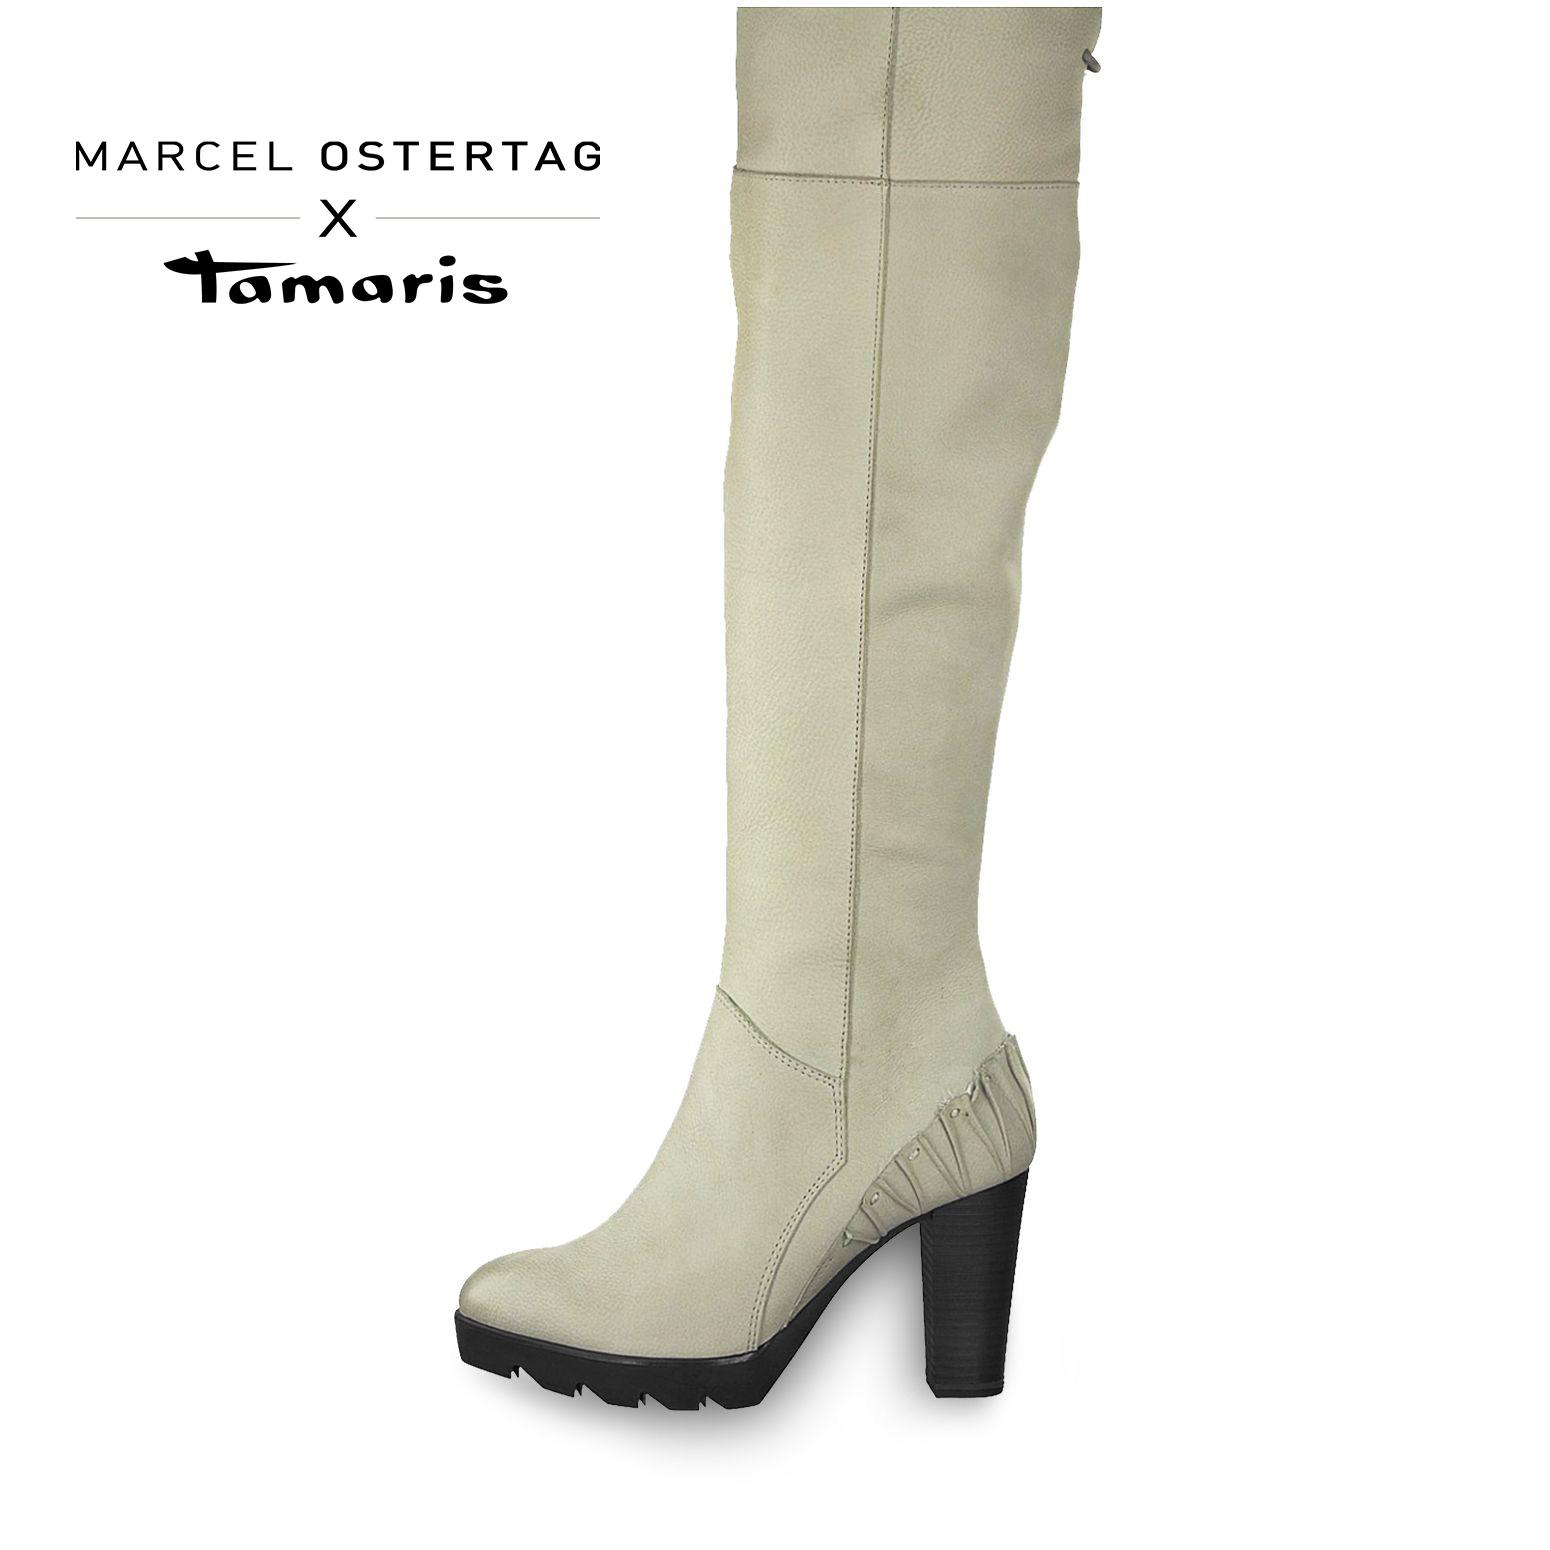 Hedvika Overknee boots